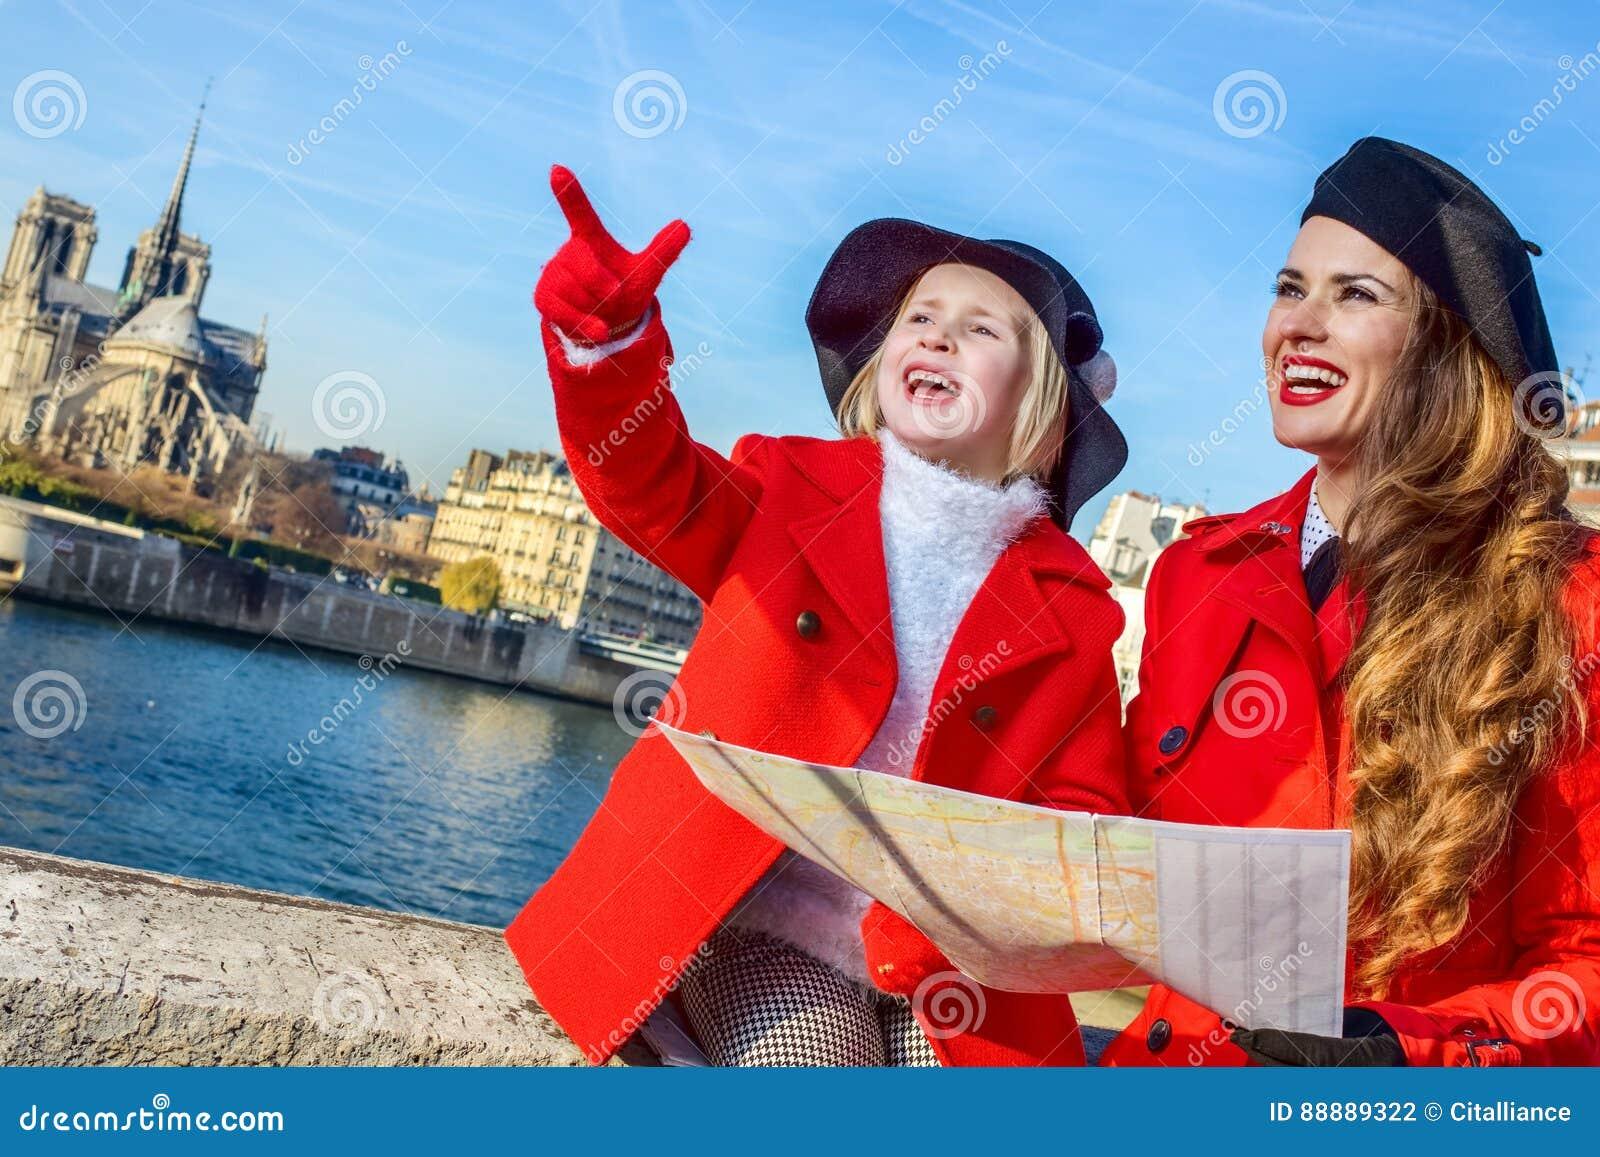 母亲和儿童游人在举行地图和指向的巴黎